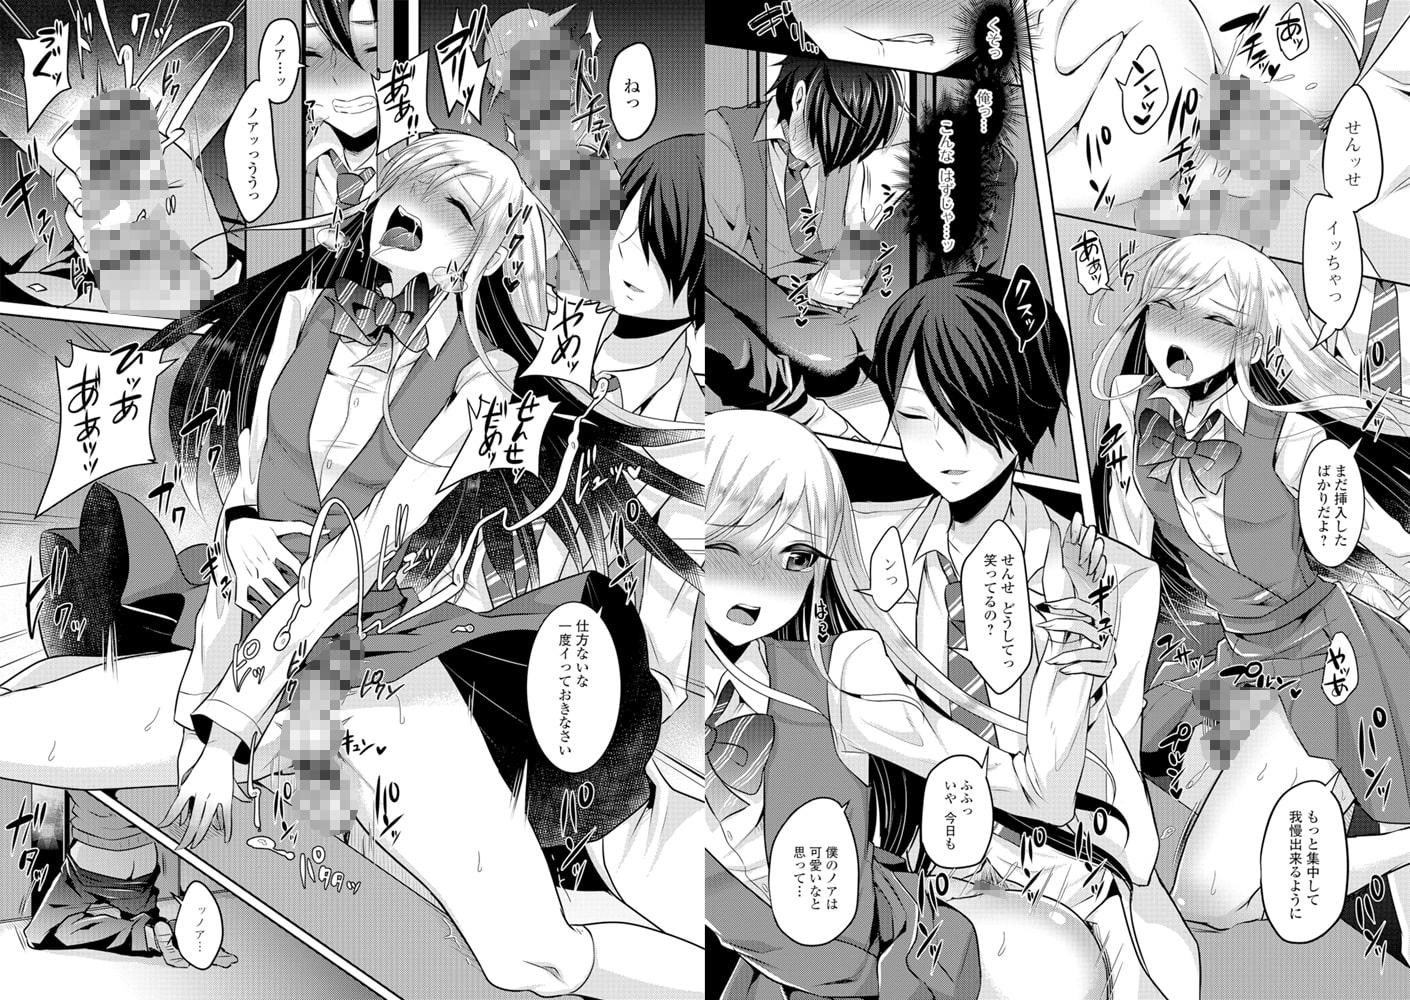 月刊Web男の娘・れくしょんッ! S Vol.26